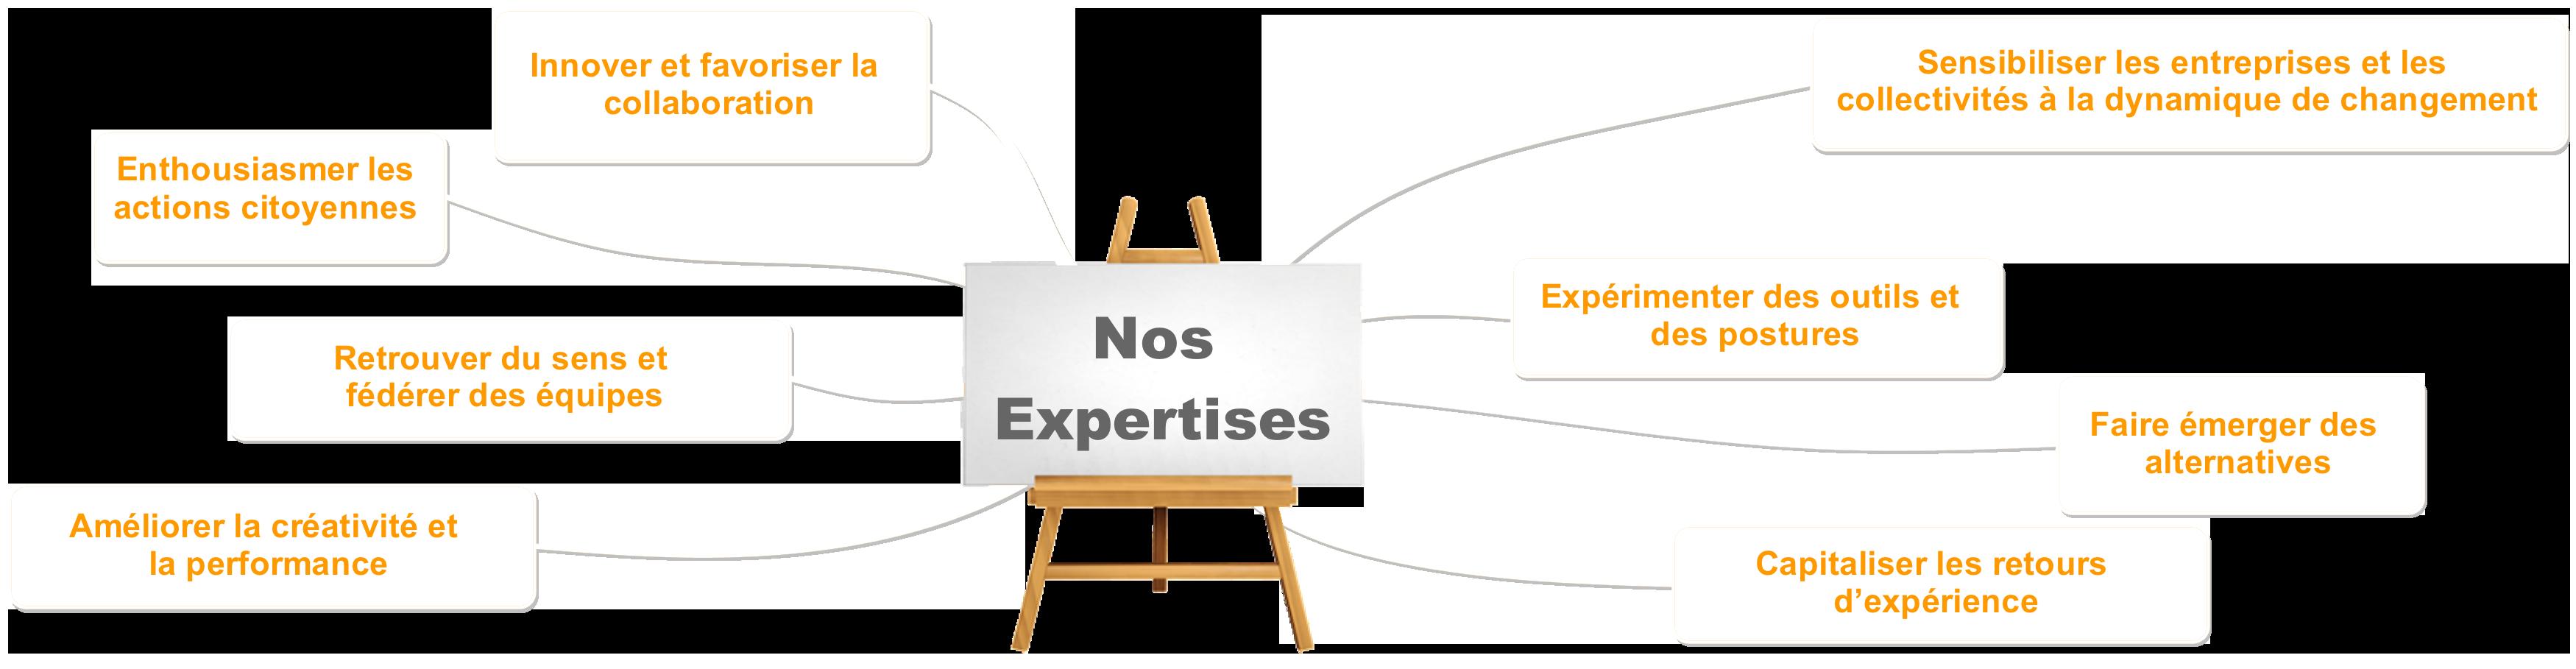 Innover et favoriser la collaboration, enthousiasmer les actions citoyennes, retrouver du sens et fédérer des équipes, améliorer la créativité et la performance, sensibiliser les entreprises et les collectivités à la dynamique de changement, expérimenter des outils et des postures, faire émerger des alternatives, capitaliser les retours d'expérience